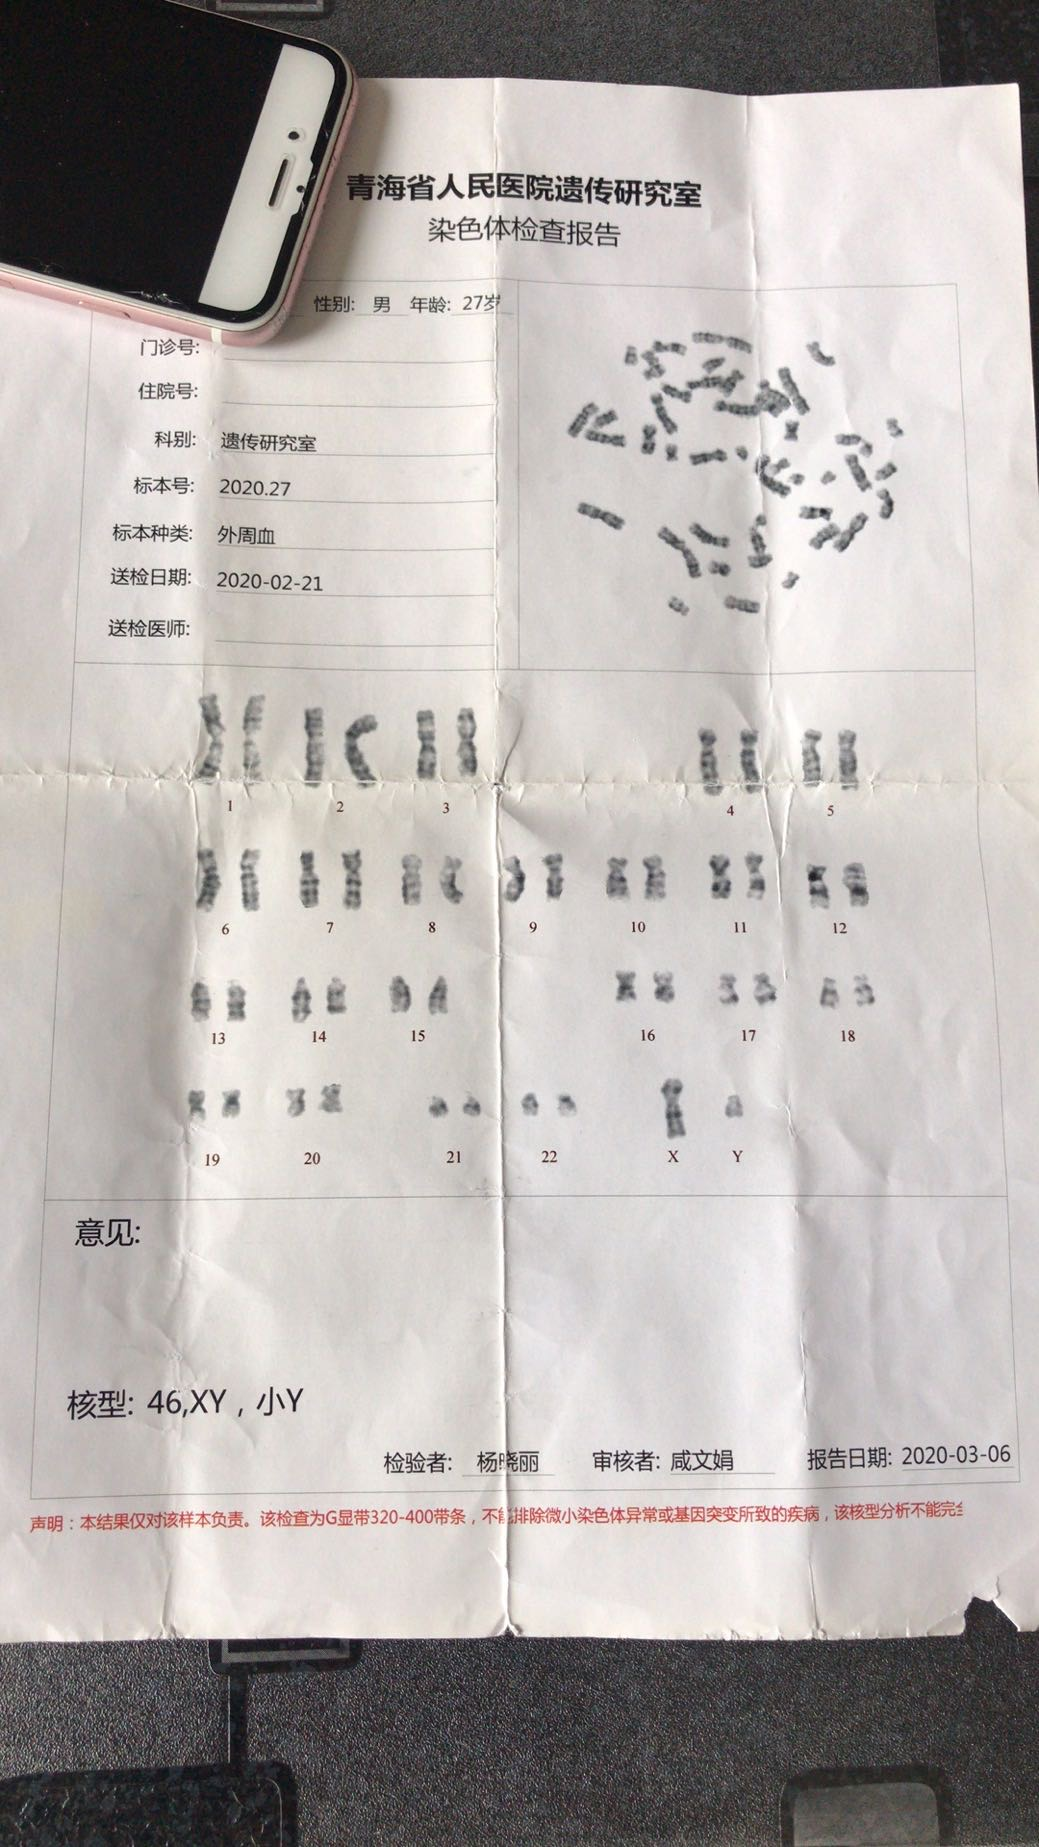 老公染色体检查的小y还有疝气跟胎停有关系吗